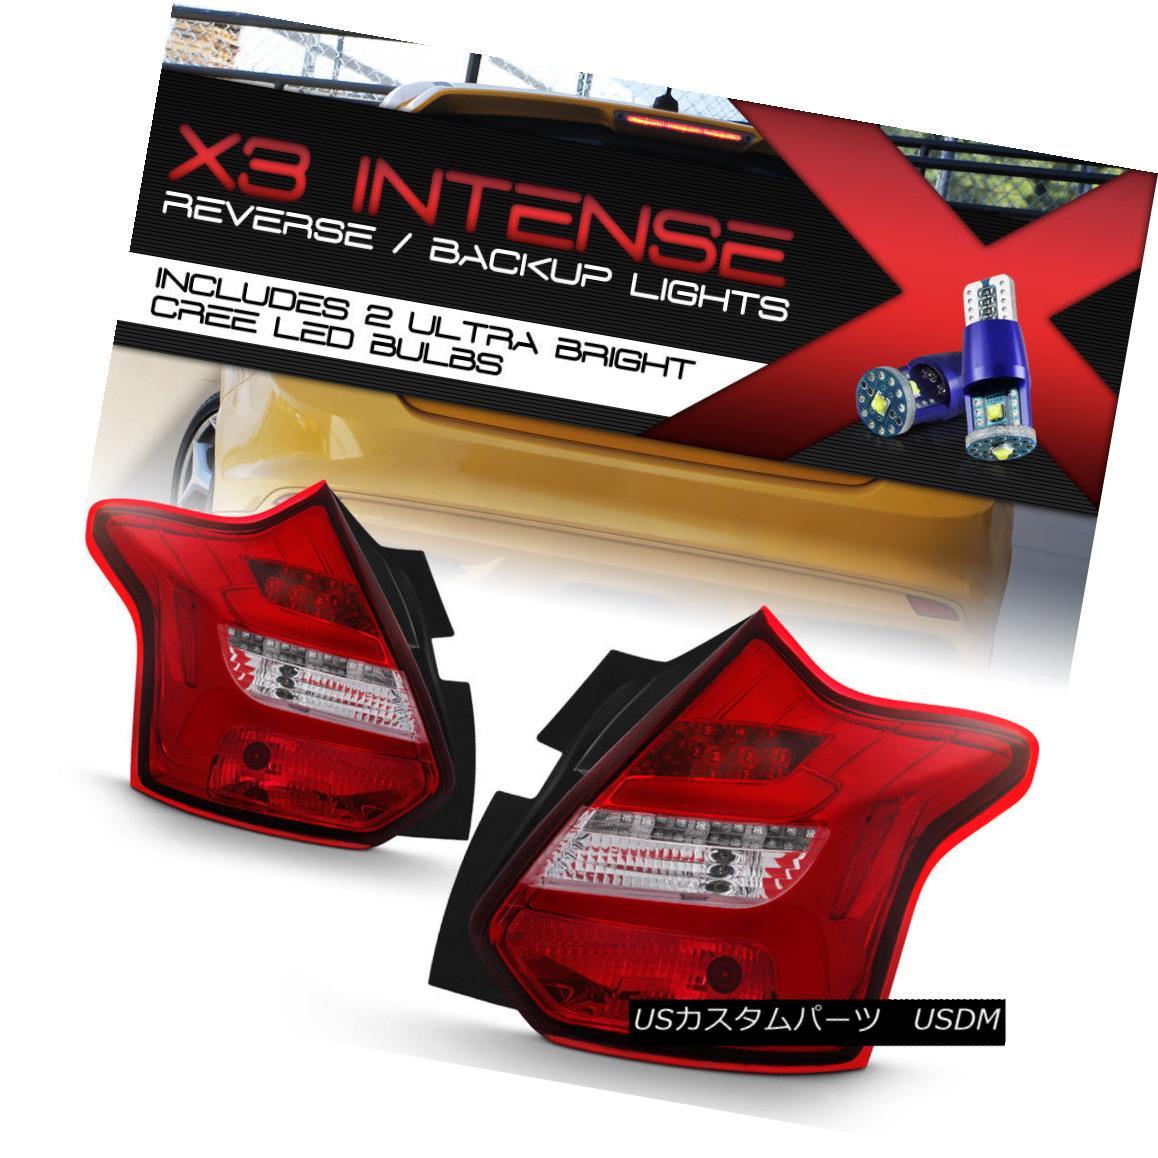 テールライト [CREE Reverse Bulbs]12-14 Focus Hatchback Red LED Bar/Tube Sequential Tail Light [CREE逆電球] 12-14フォーカスハッチバック赤LEDバー/チューブシーケンシャルテールライト